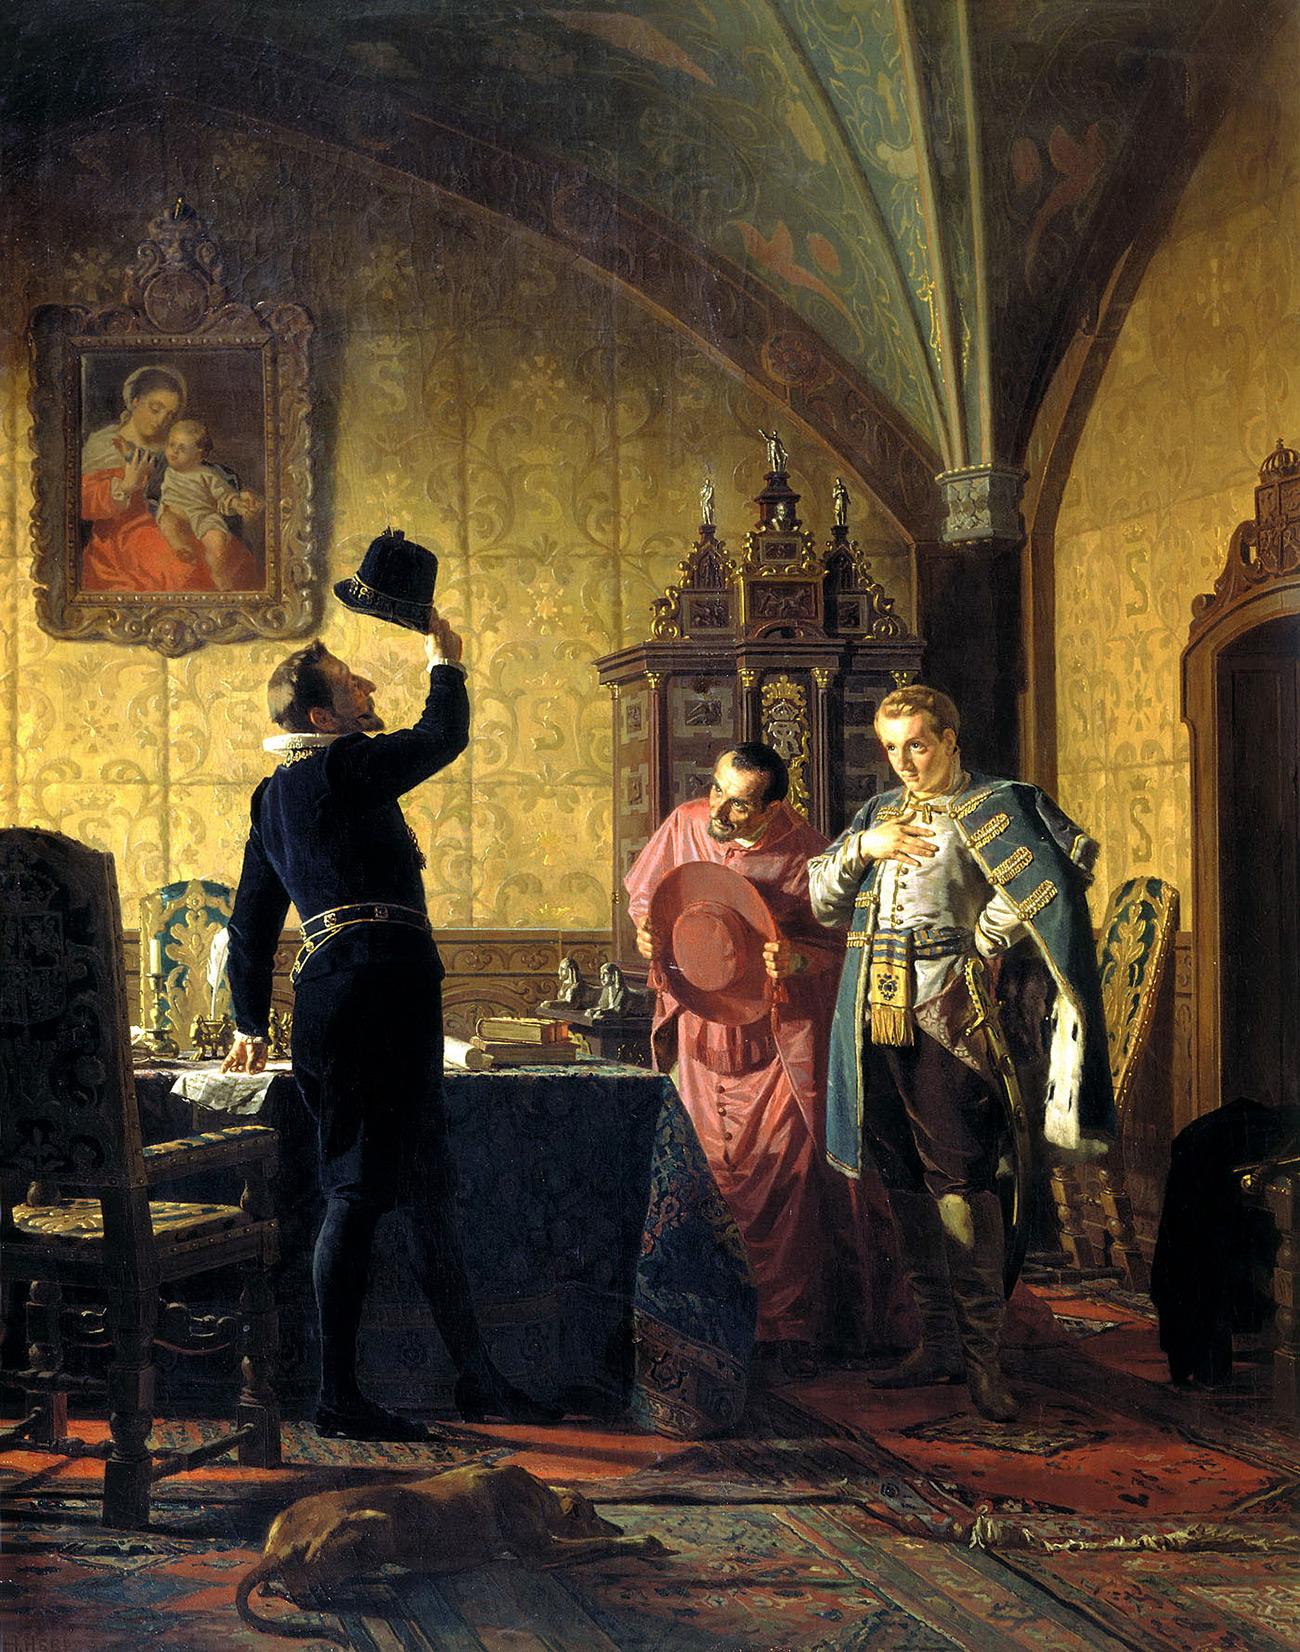 Falso Dmitry 1º jurando a Sigmundo 3º a introdução do catolicismo na Rússia / Radishchev Art Museum